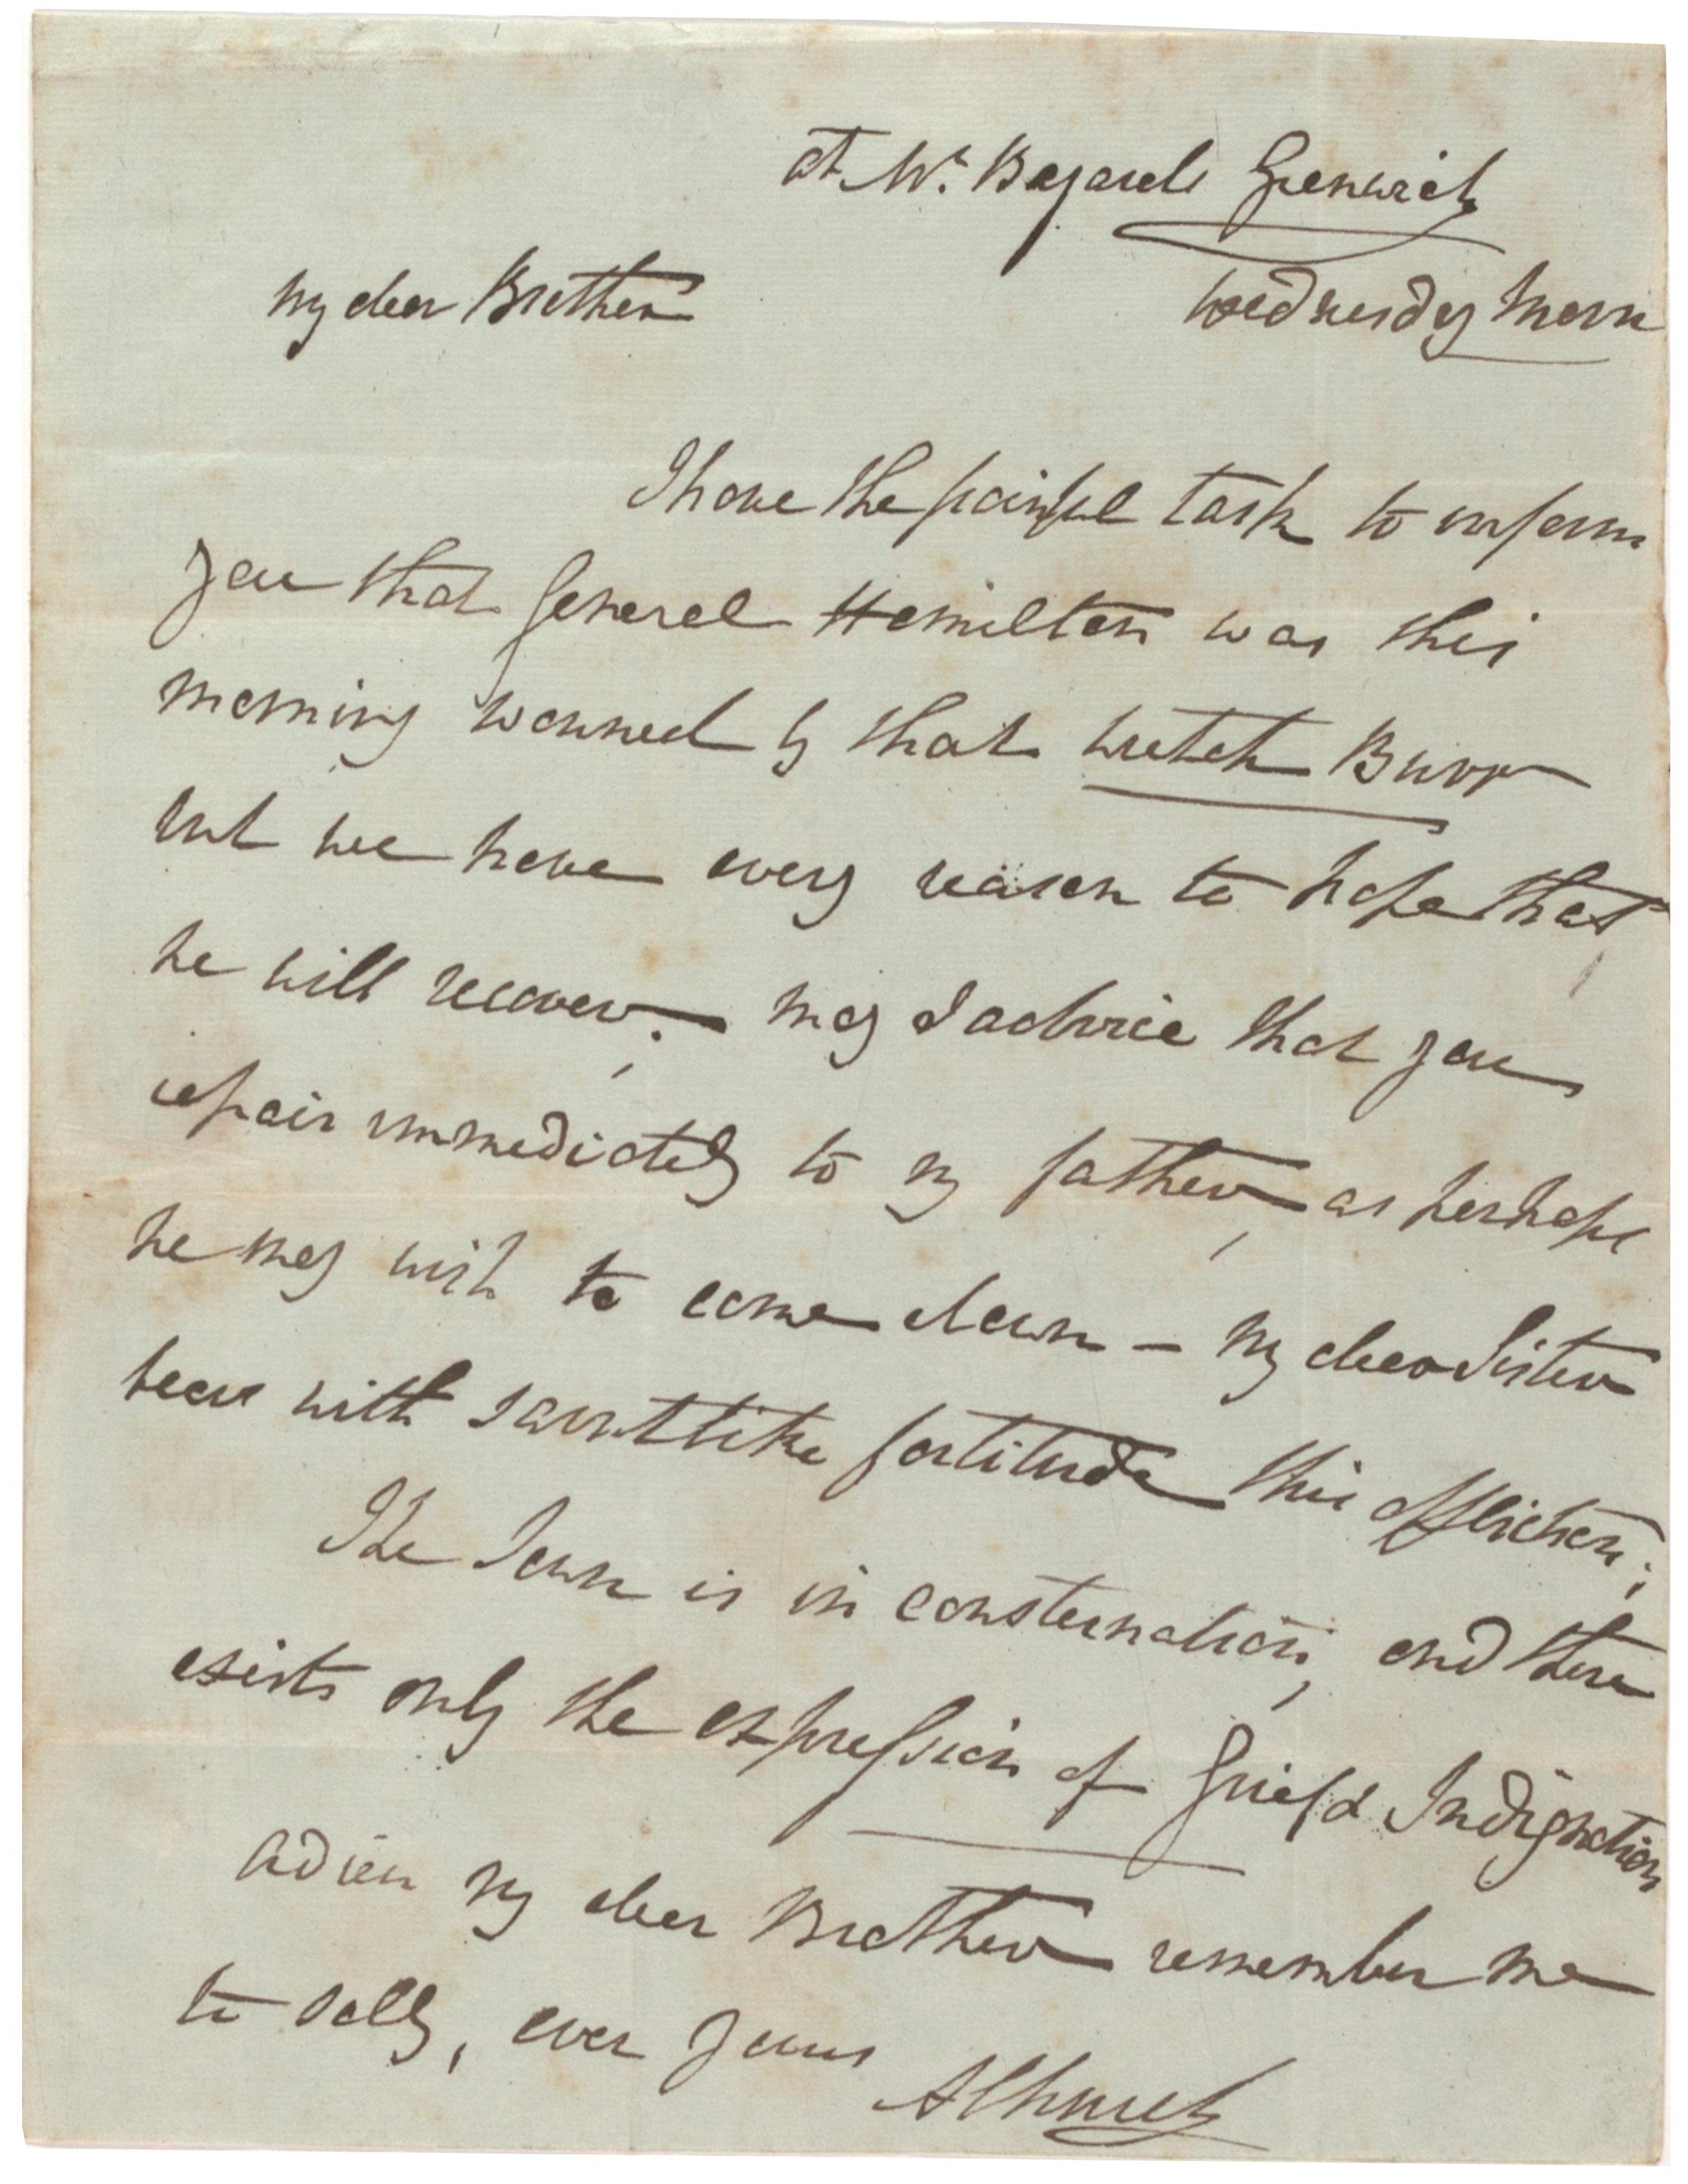 Angelica Schuyler Church to Philip Schuyler, July 11, 1804. (Gilder Lehrman